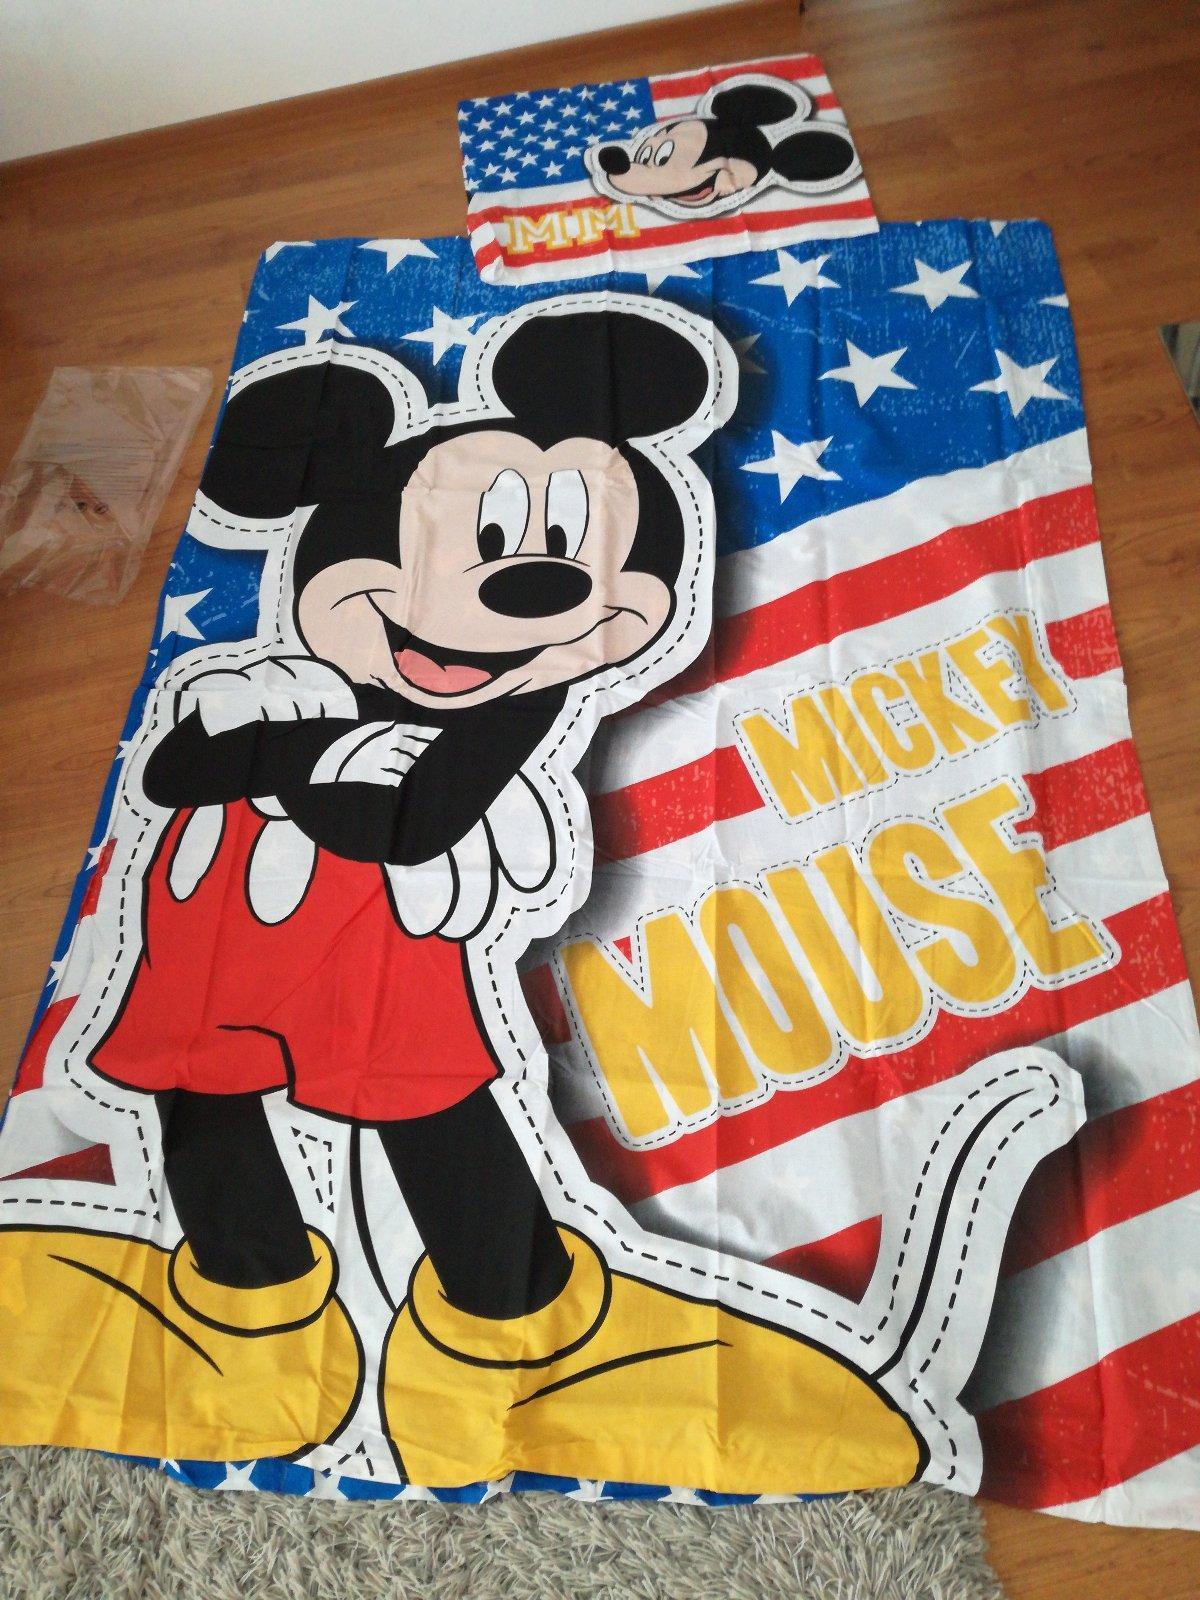 Mickey Mouse obliečky na veľku posteľ, nepoužívane - Obrázok č. 1